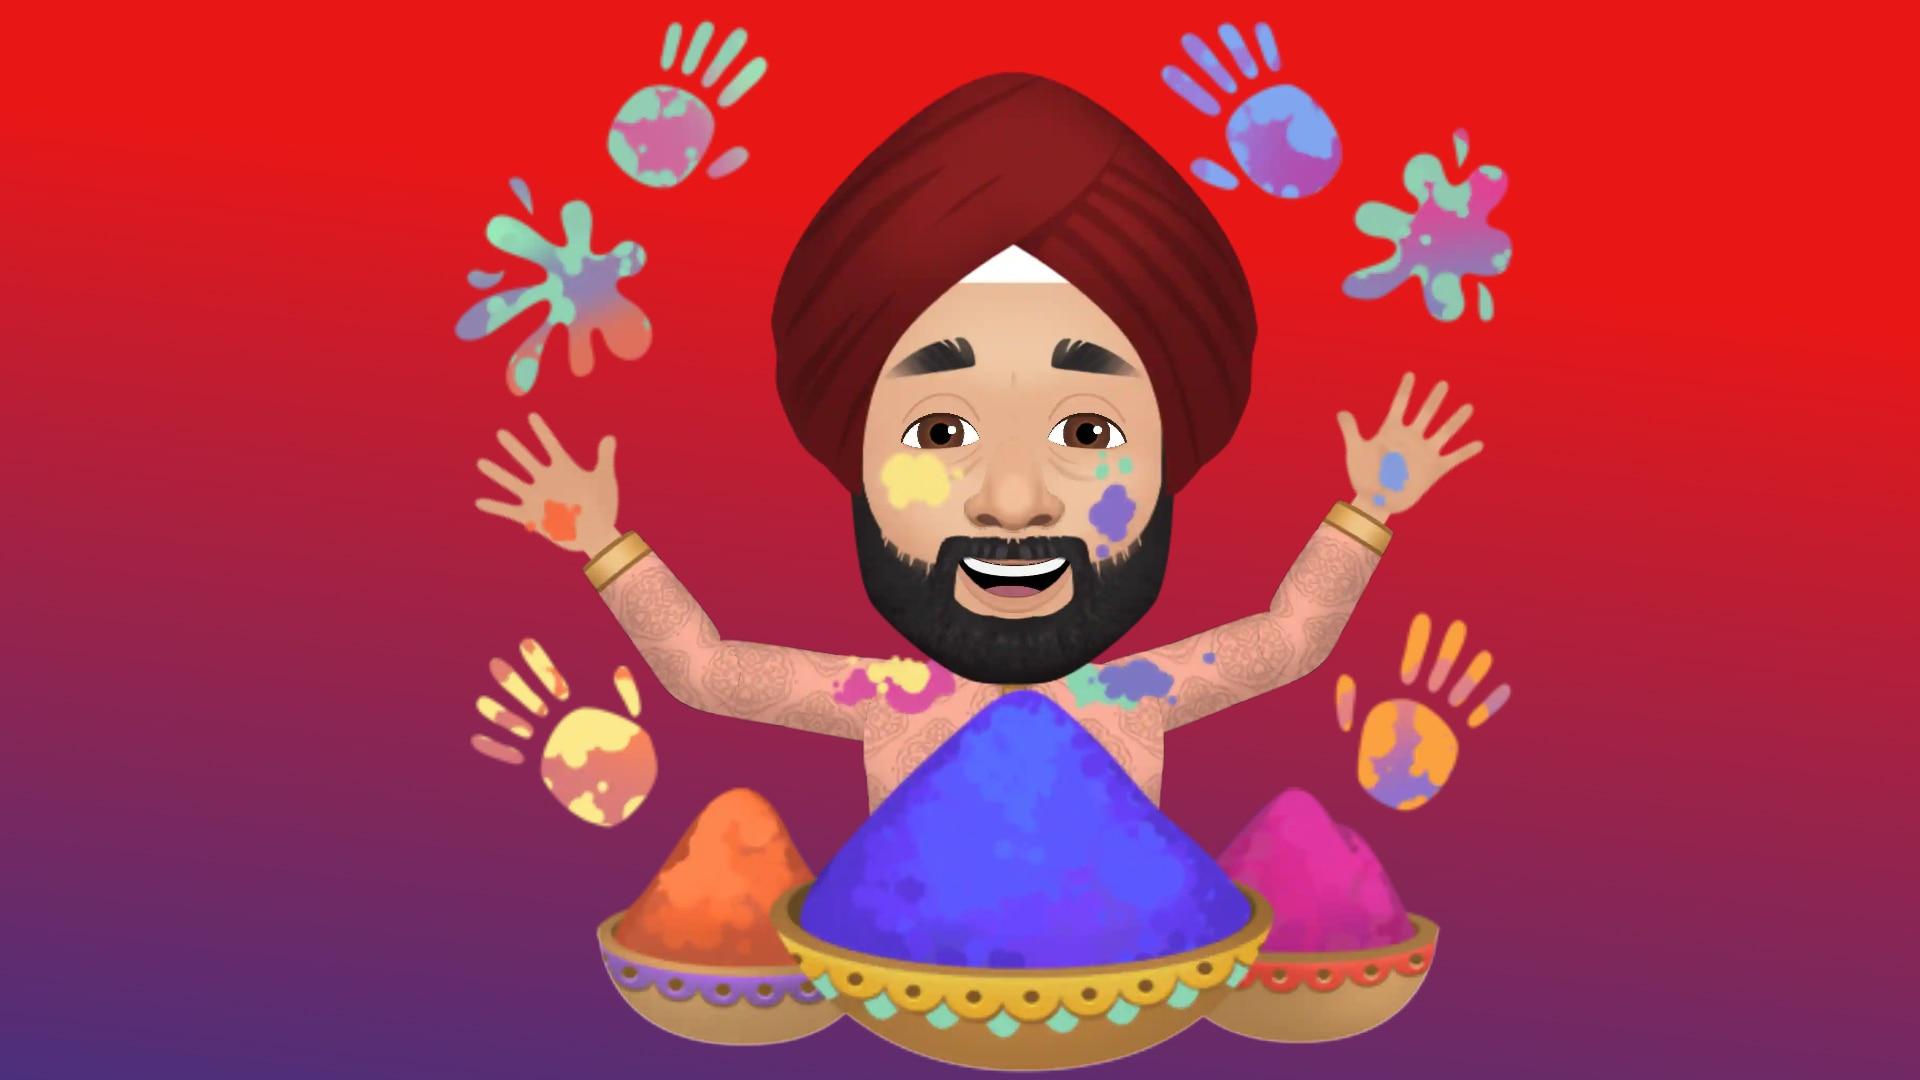 সেখানেই পাবেন হোলি থিমের নতুন স্টিকার্স। মেসেঞ্জারেও সেই স্টিকার ব্যবহার করতে পারবেন। ছবি : ফেসবুক (Facebook)